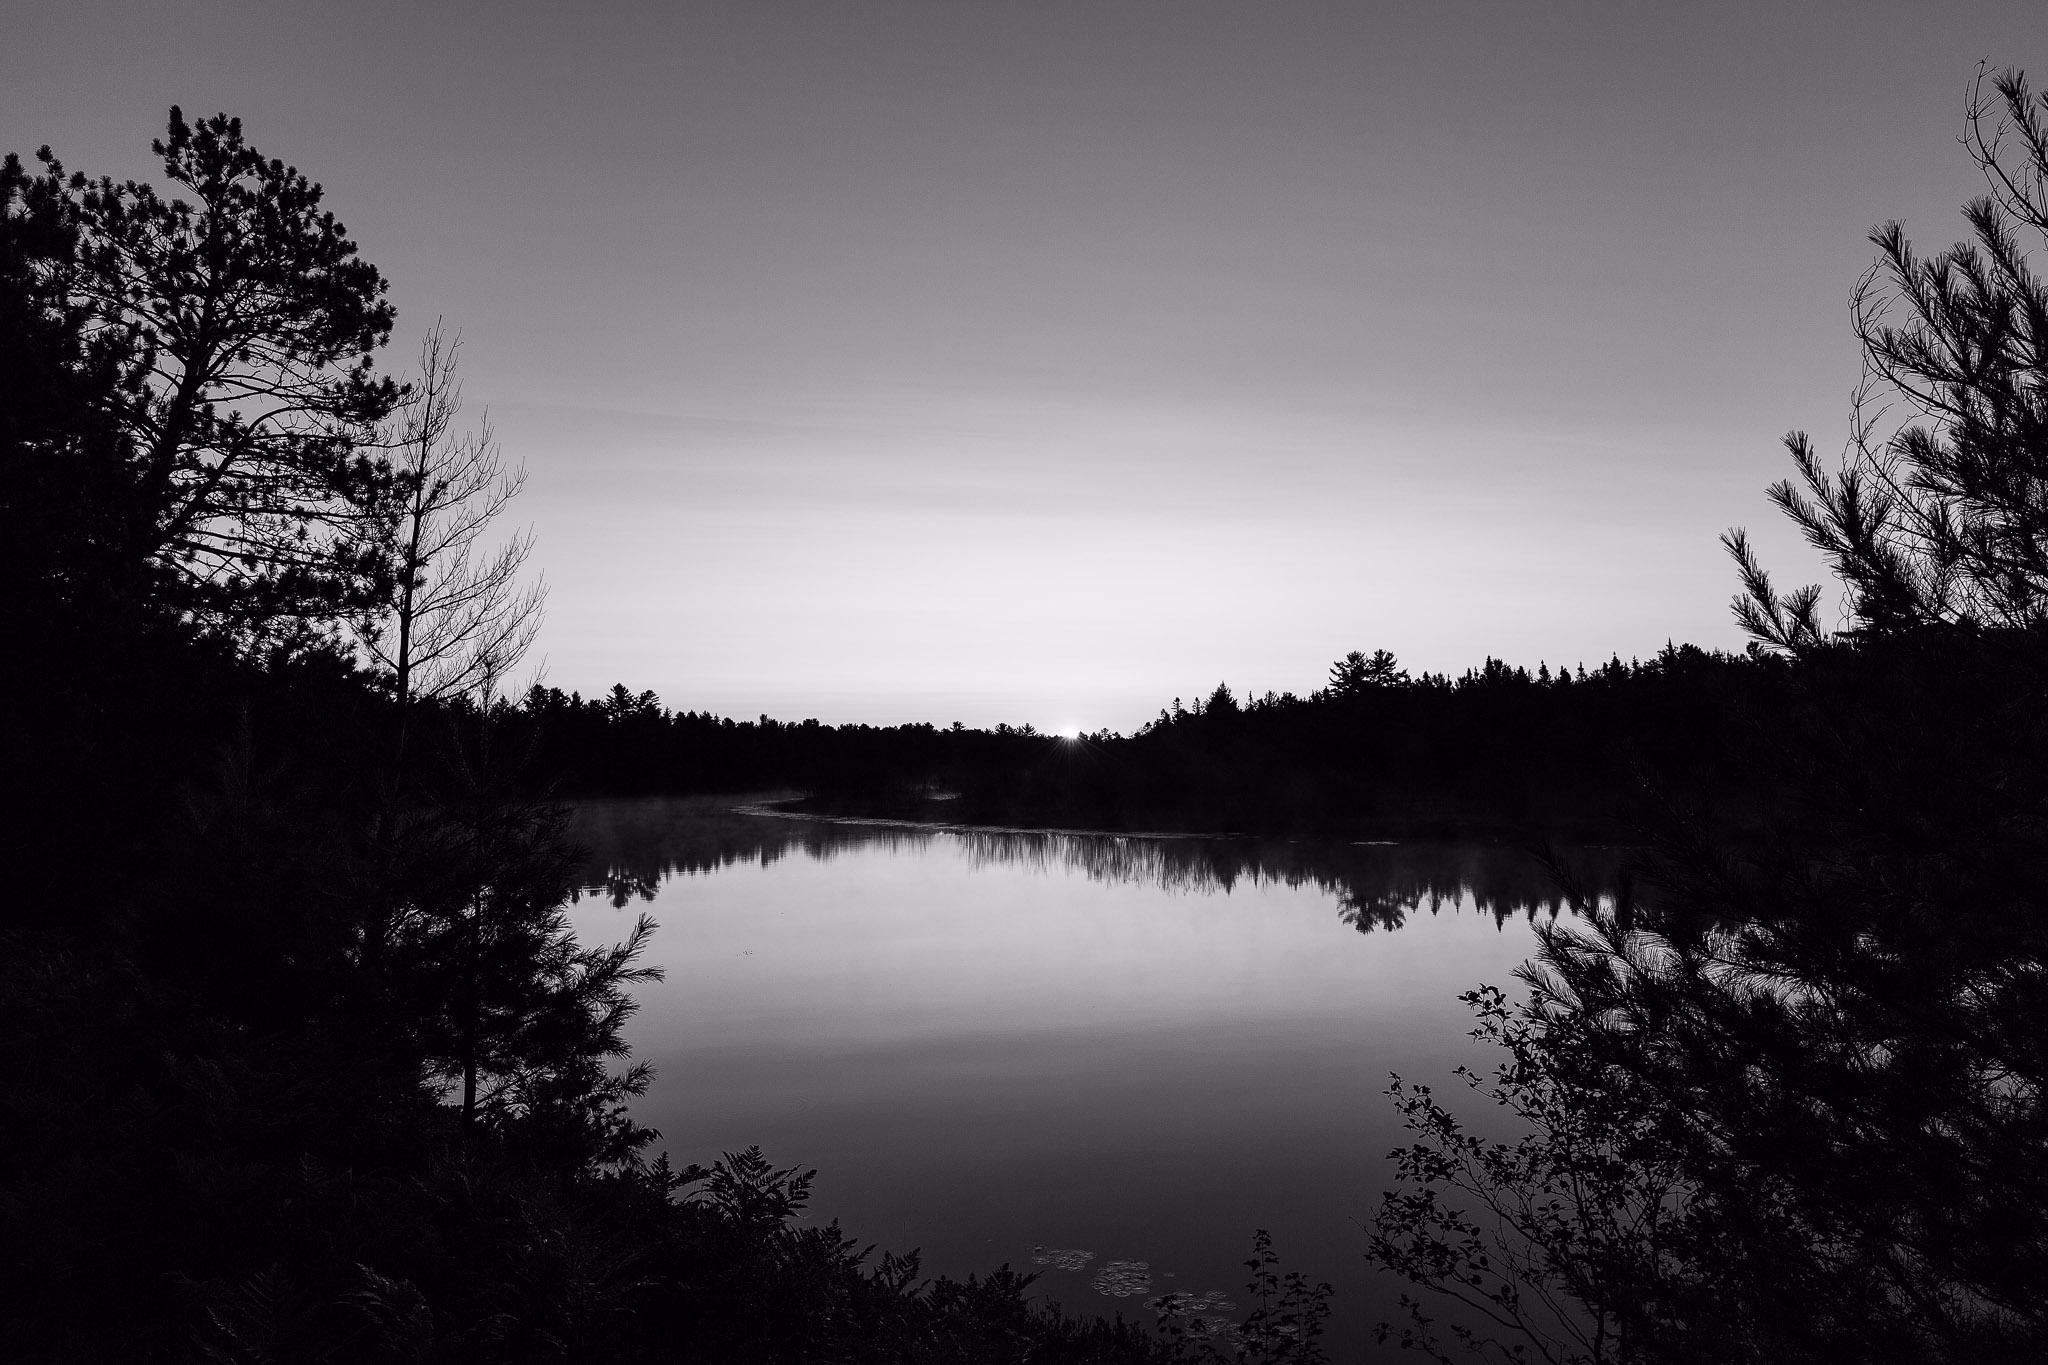 Tahquamenon River sunrise monoc - terryhumphrey | ello